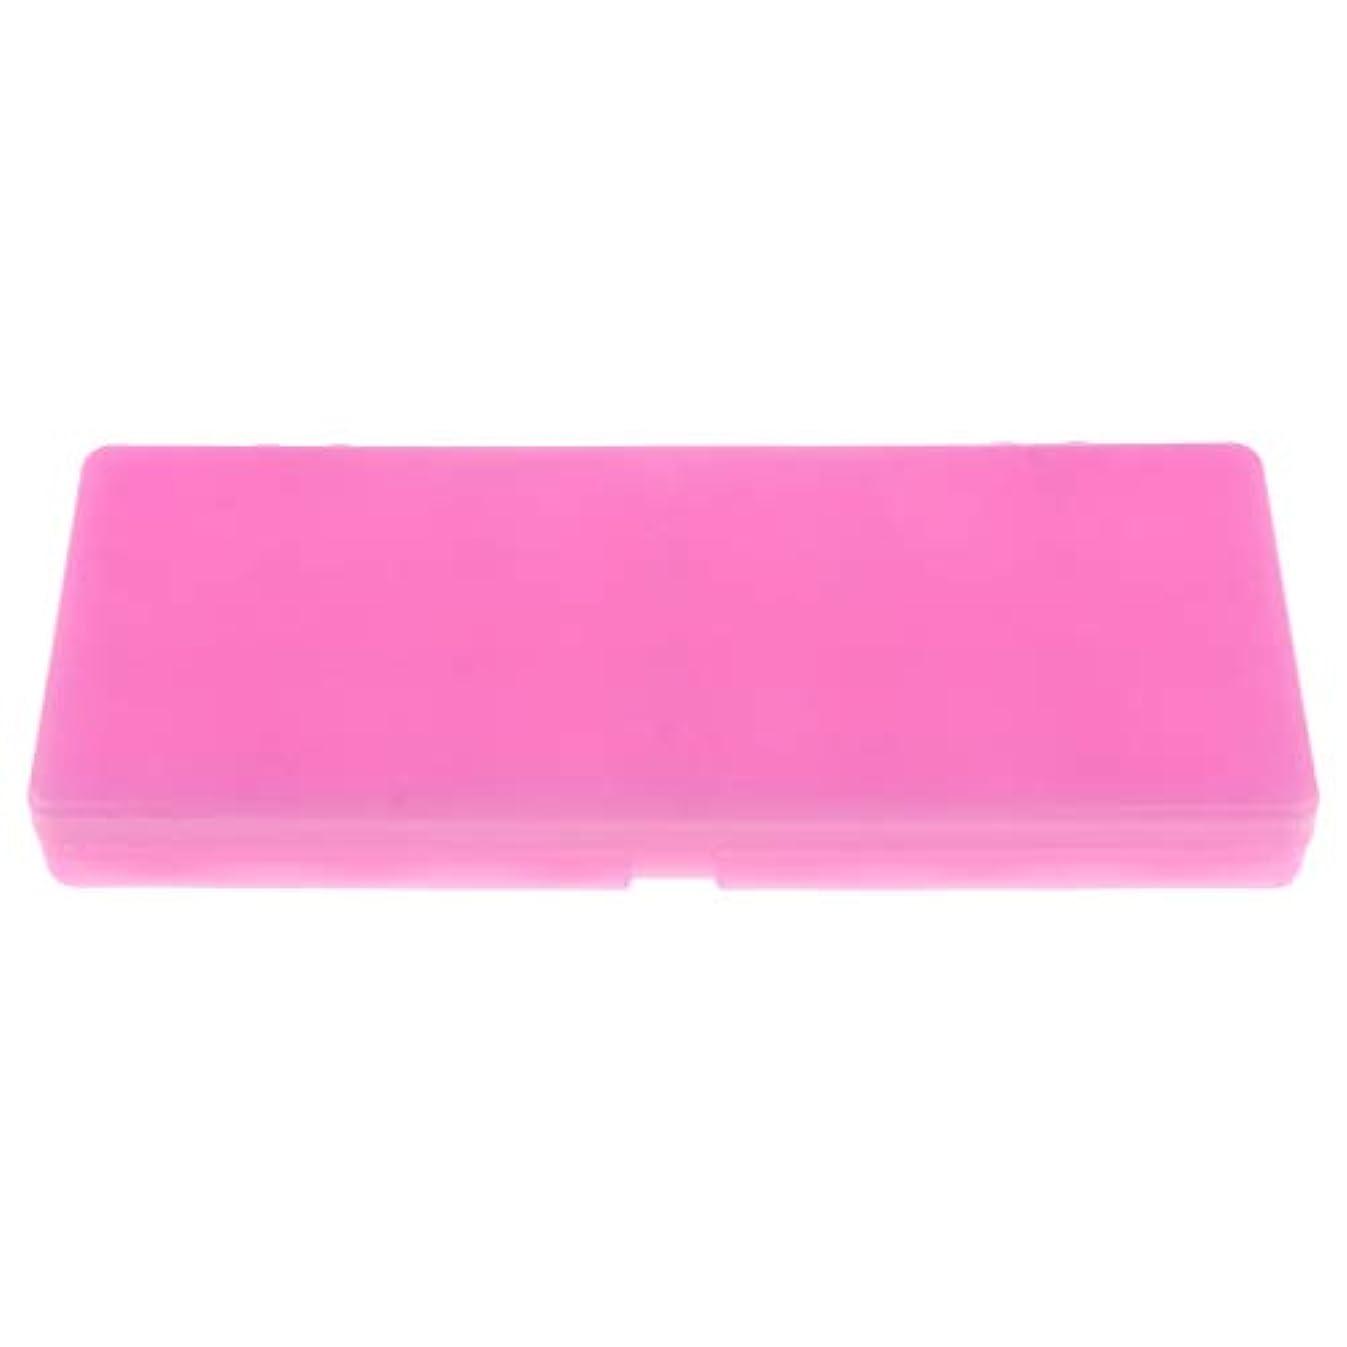 オークションゴールデン正統派水彩画/ガッシュ/アクリルオイルペイント用 ネイルアート 化粧品 混合パレット 3色 - ピンク